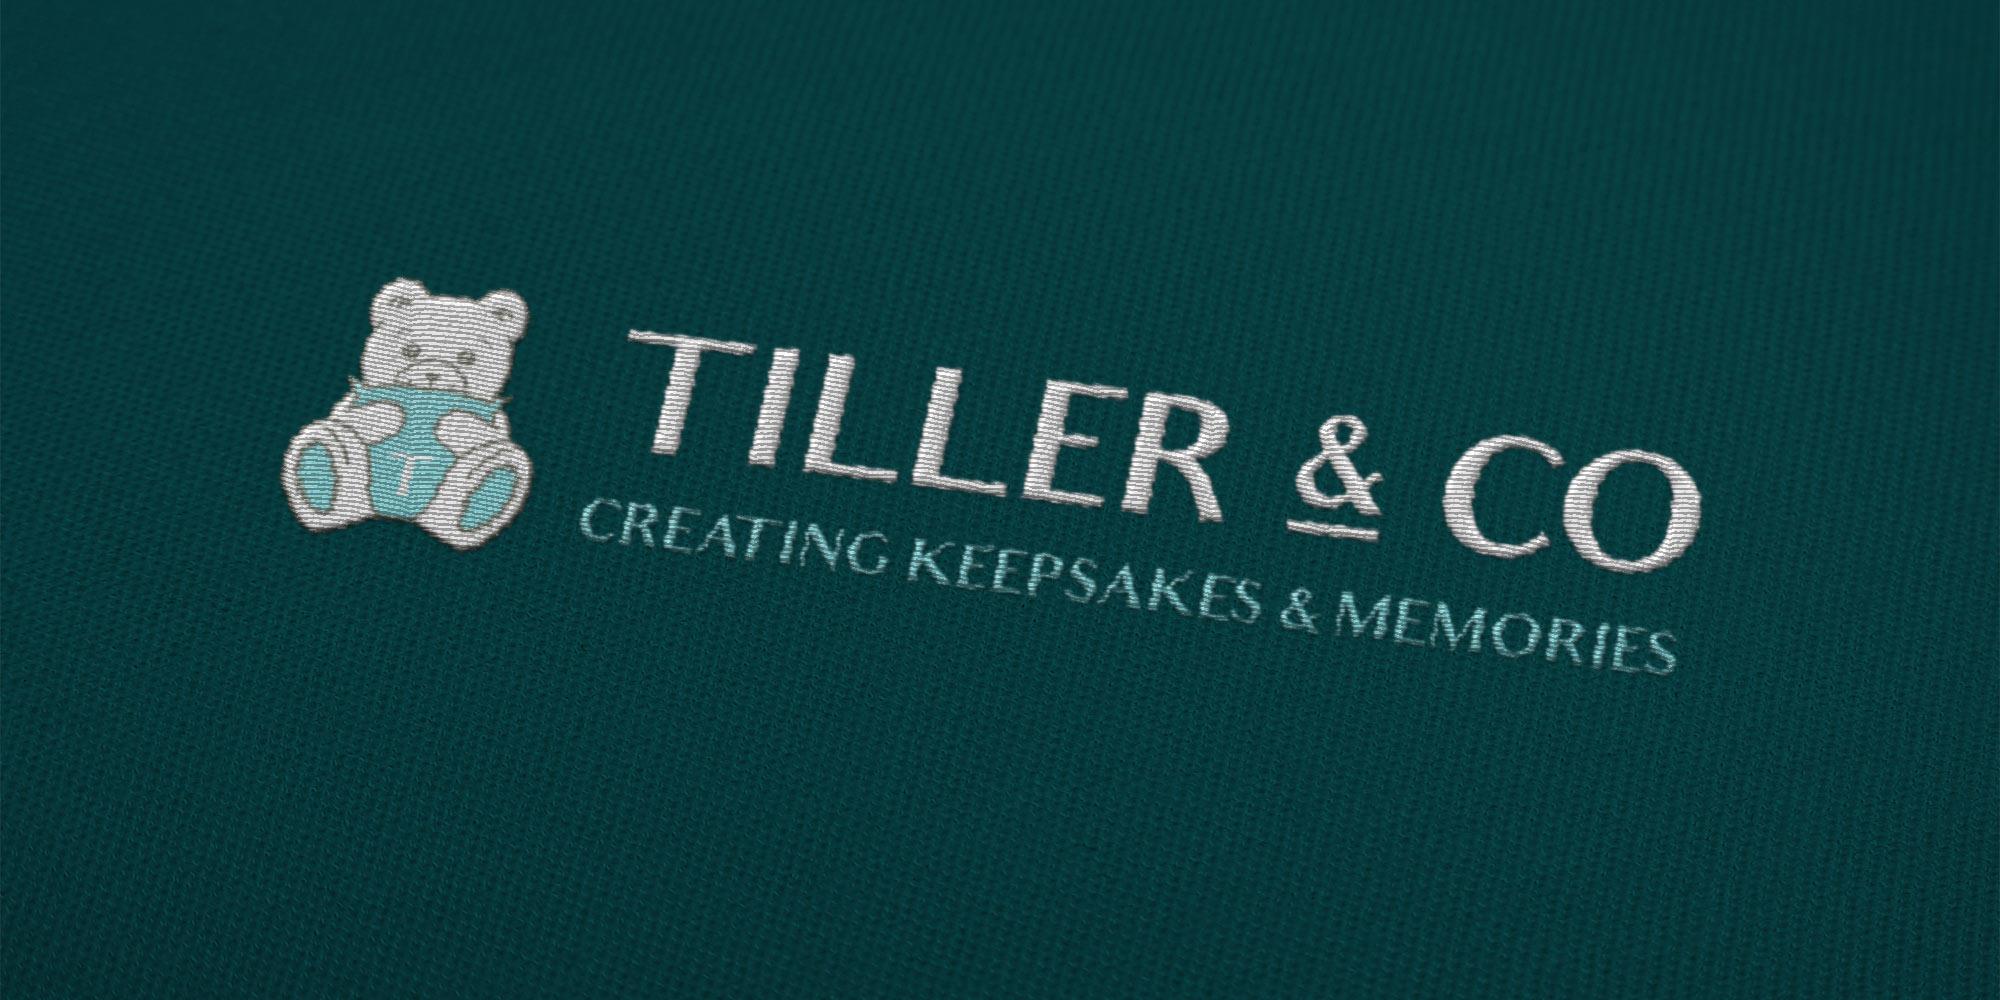 Tiller & Co Stitched Logo Design